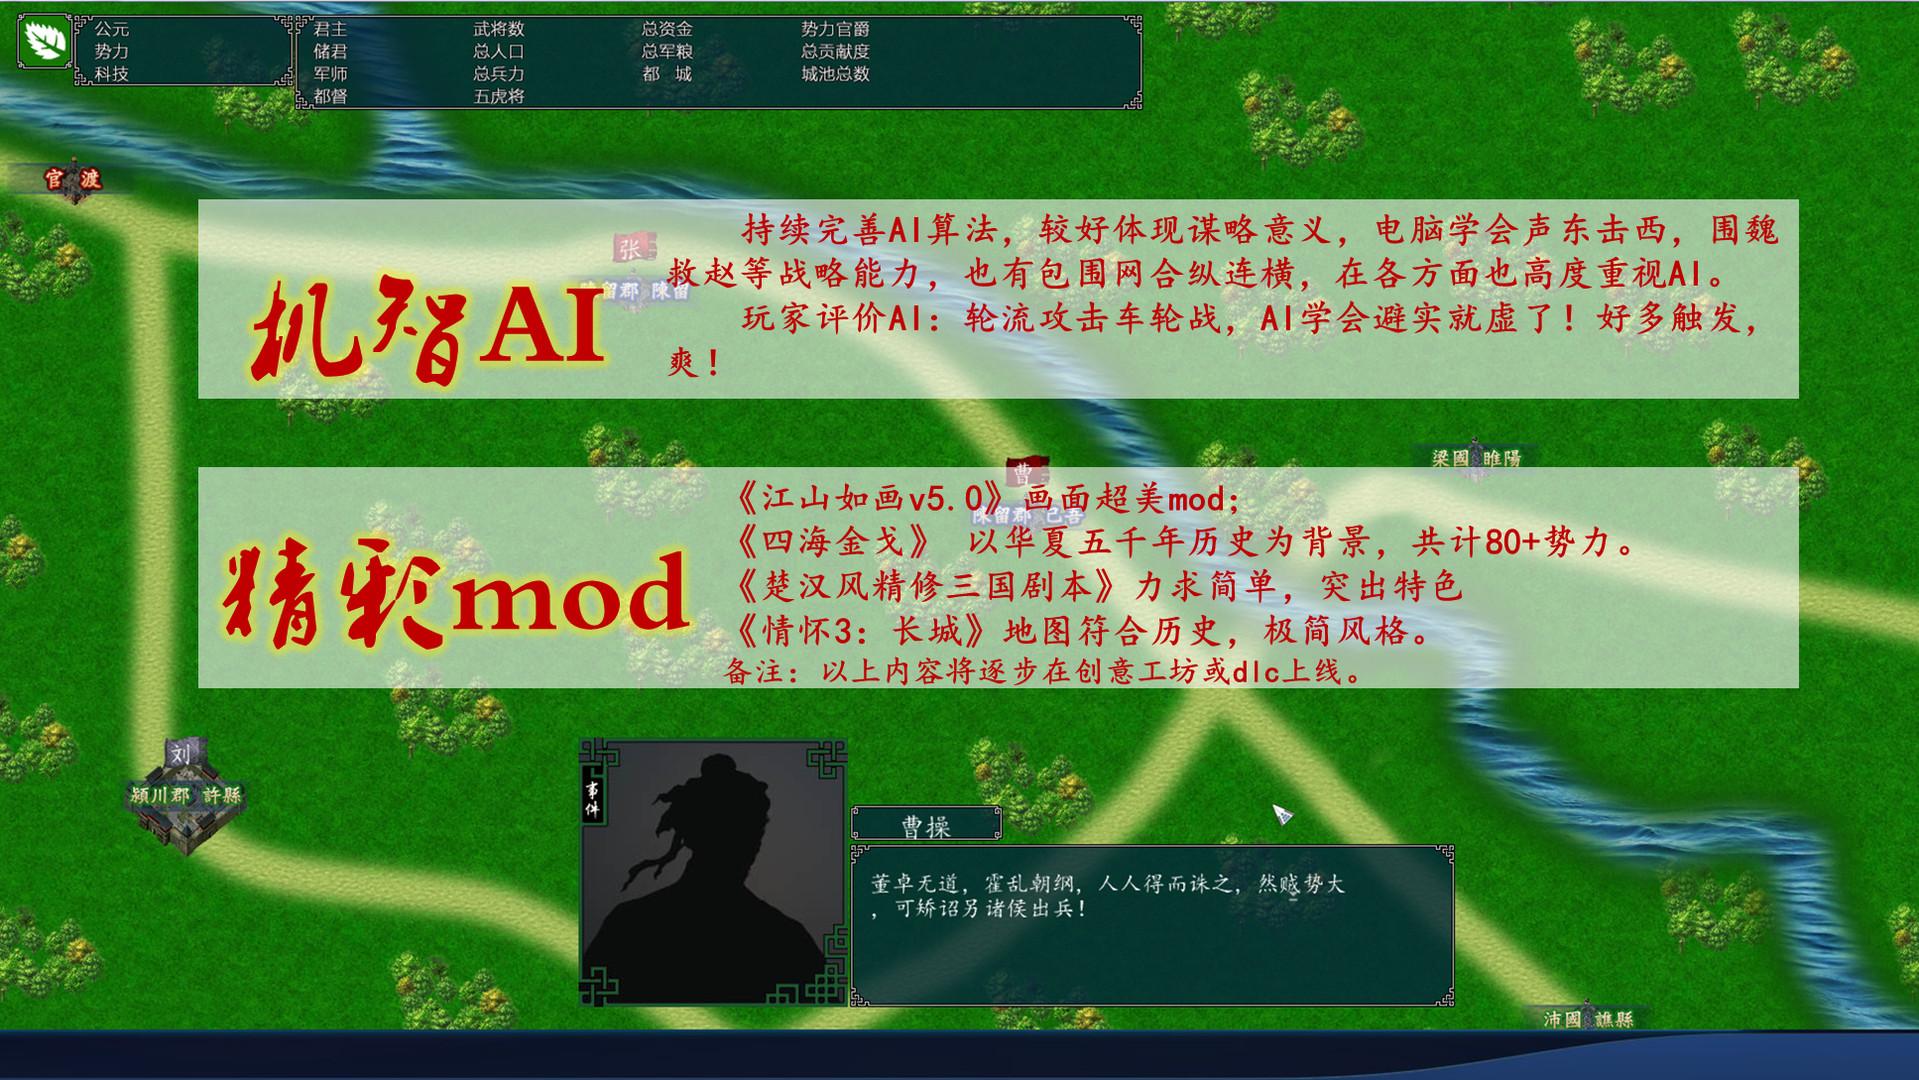 《中华三国志》新版兵种的可编制数量修改方法介绍